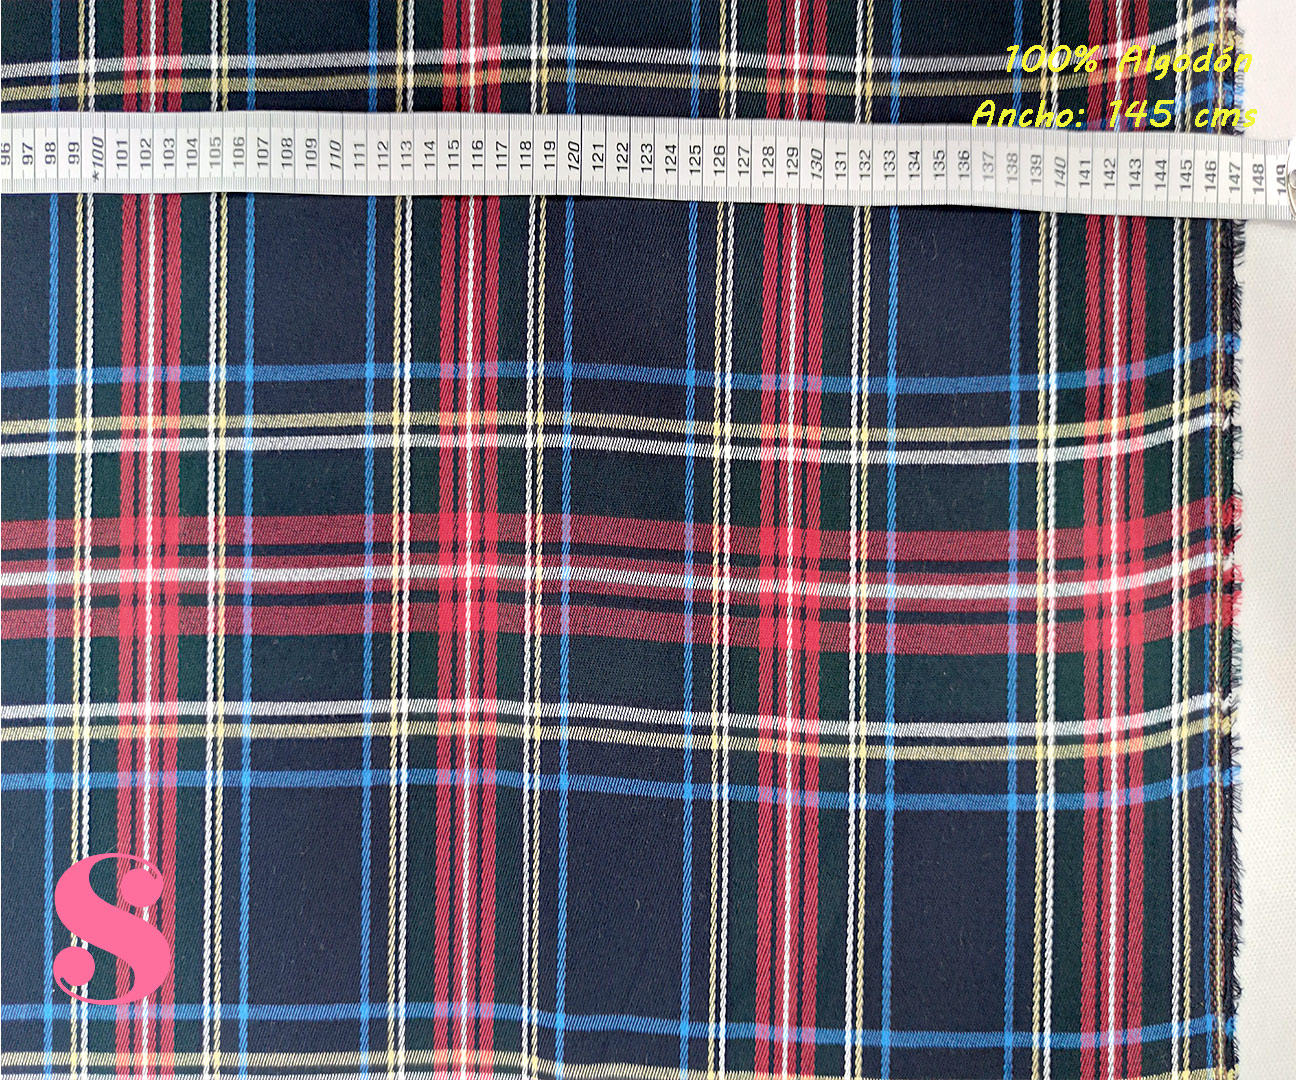 489-cuadros-colegio-tejidos-algodón-estampado-percal,Tejido Estampado Cuadros Colegial Azul Marino